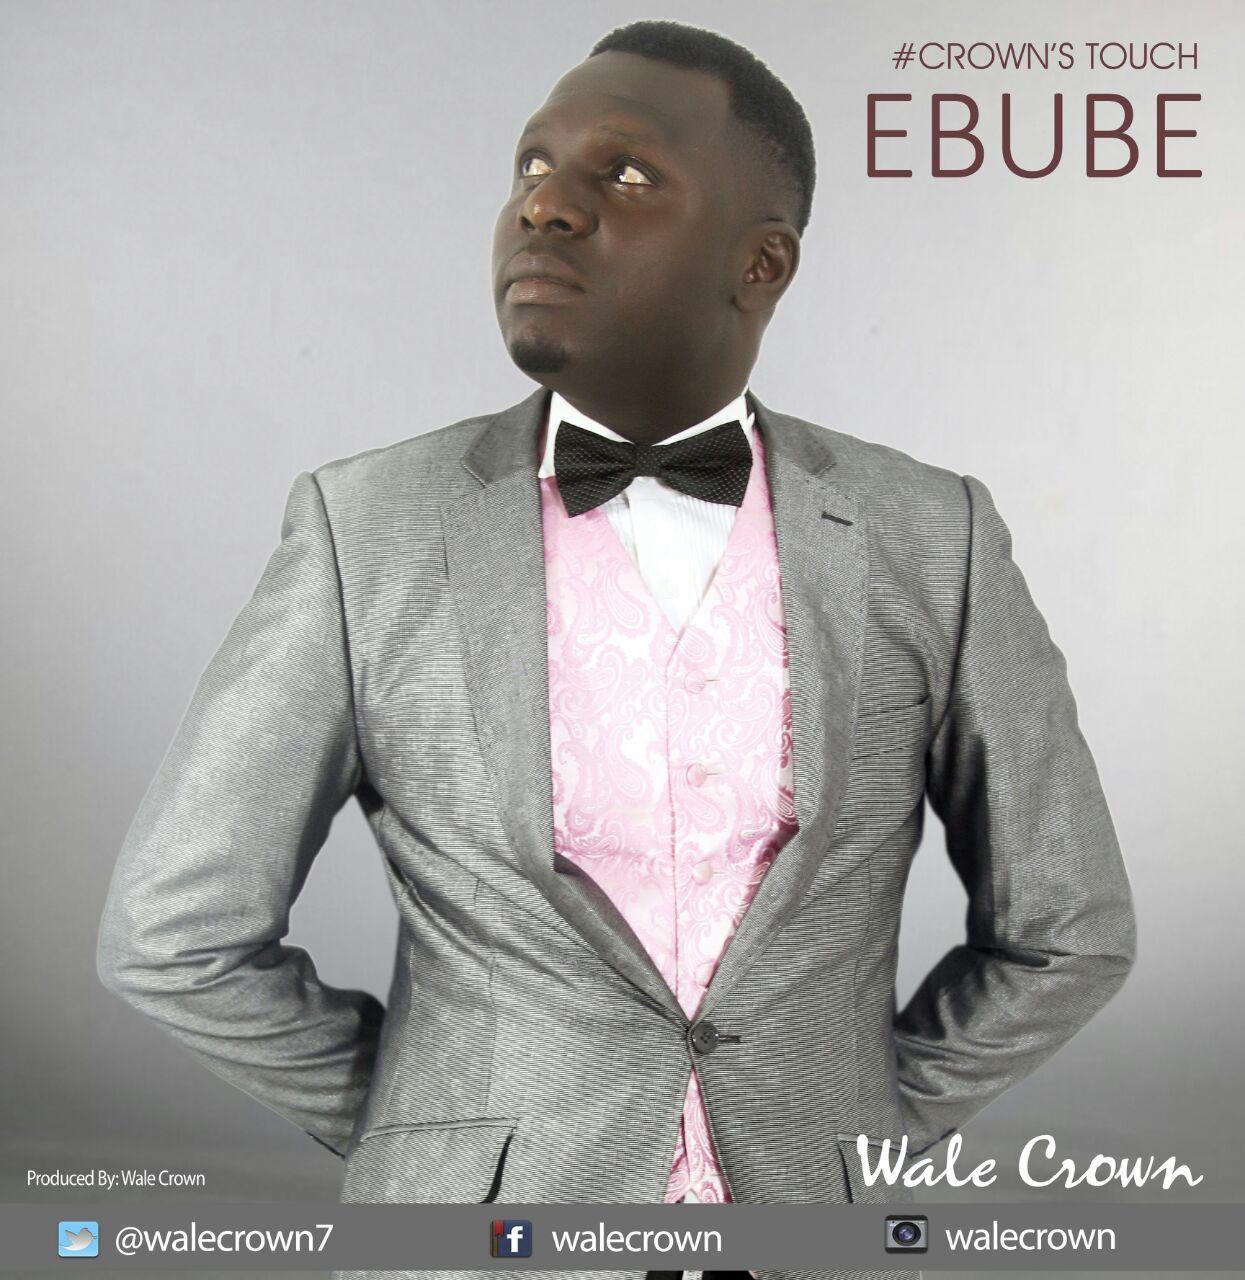 EBUBE - Wale Crown [@walecrown7]